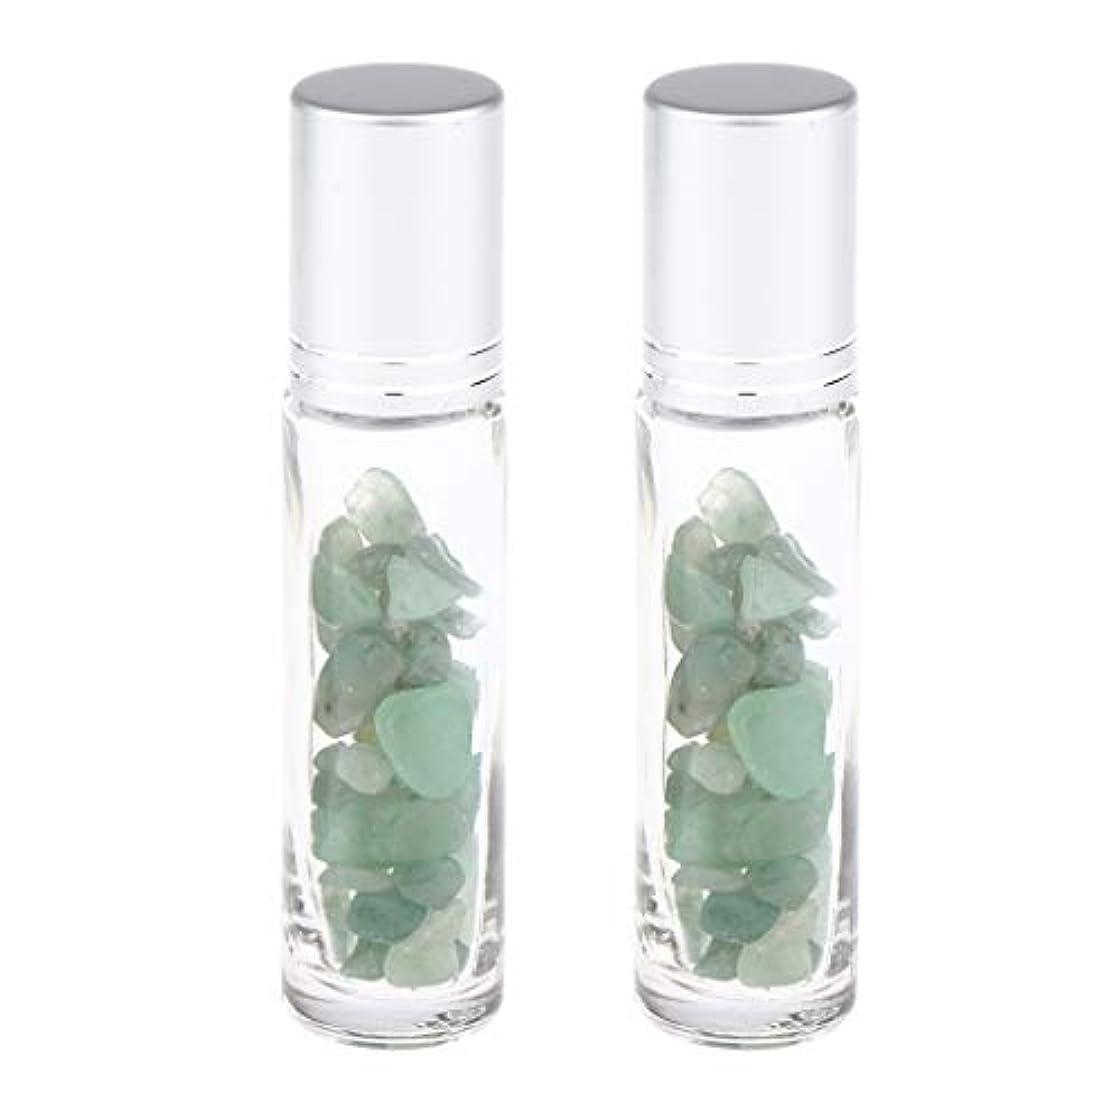 スプーン空虚メジャー10ml ガラスボトル 香水ボトル 精油瓶 アトマイザー 詰替え ロールオンボトル 天然石 2個 - グリーンアベンチュリン